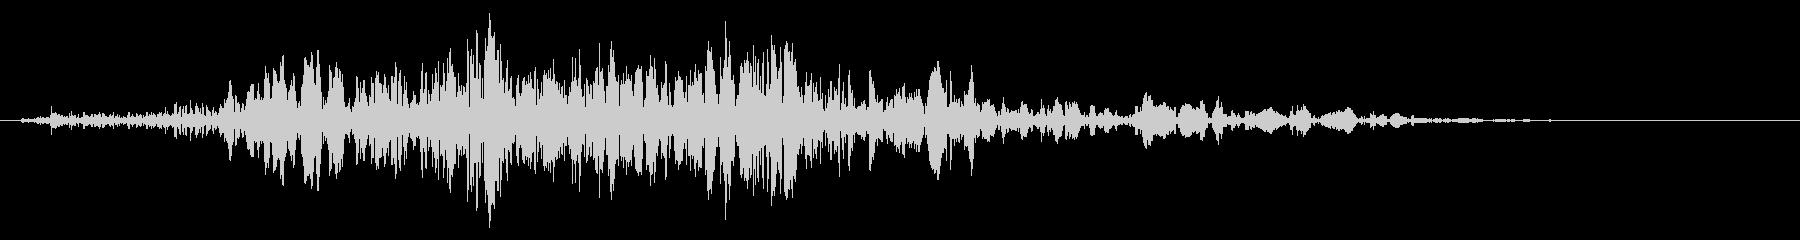 スライムなどが蠢く音 タイプB#5の未再生の波形